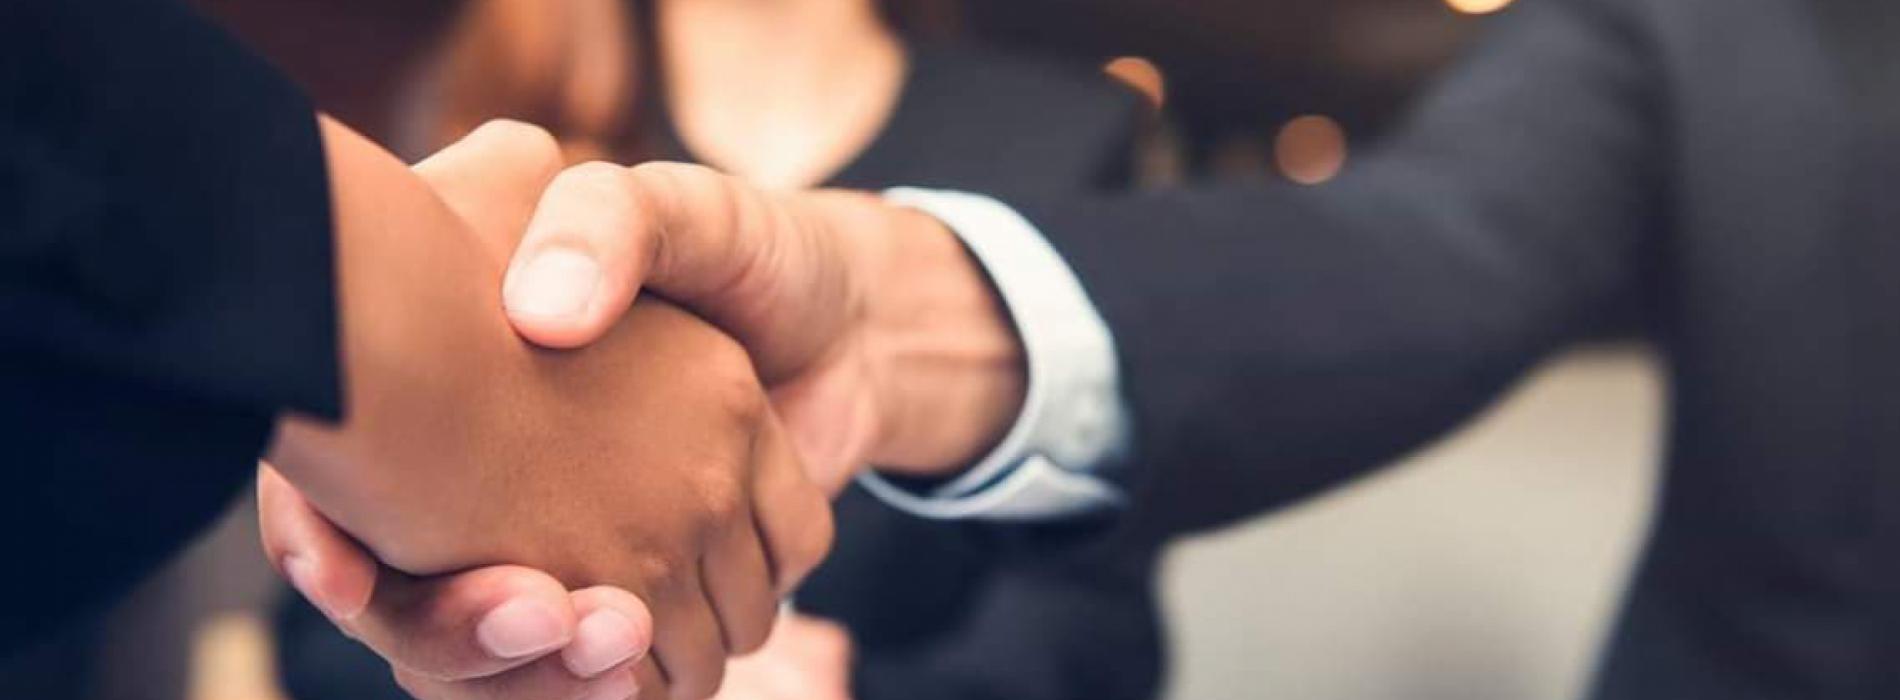 KEMI közlemény a tagdíjfizetés ideiglenes felfüggesztéséről